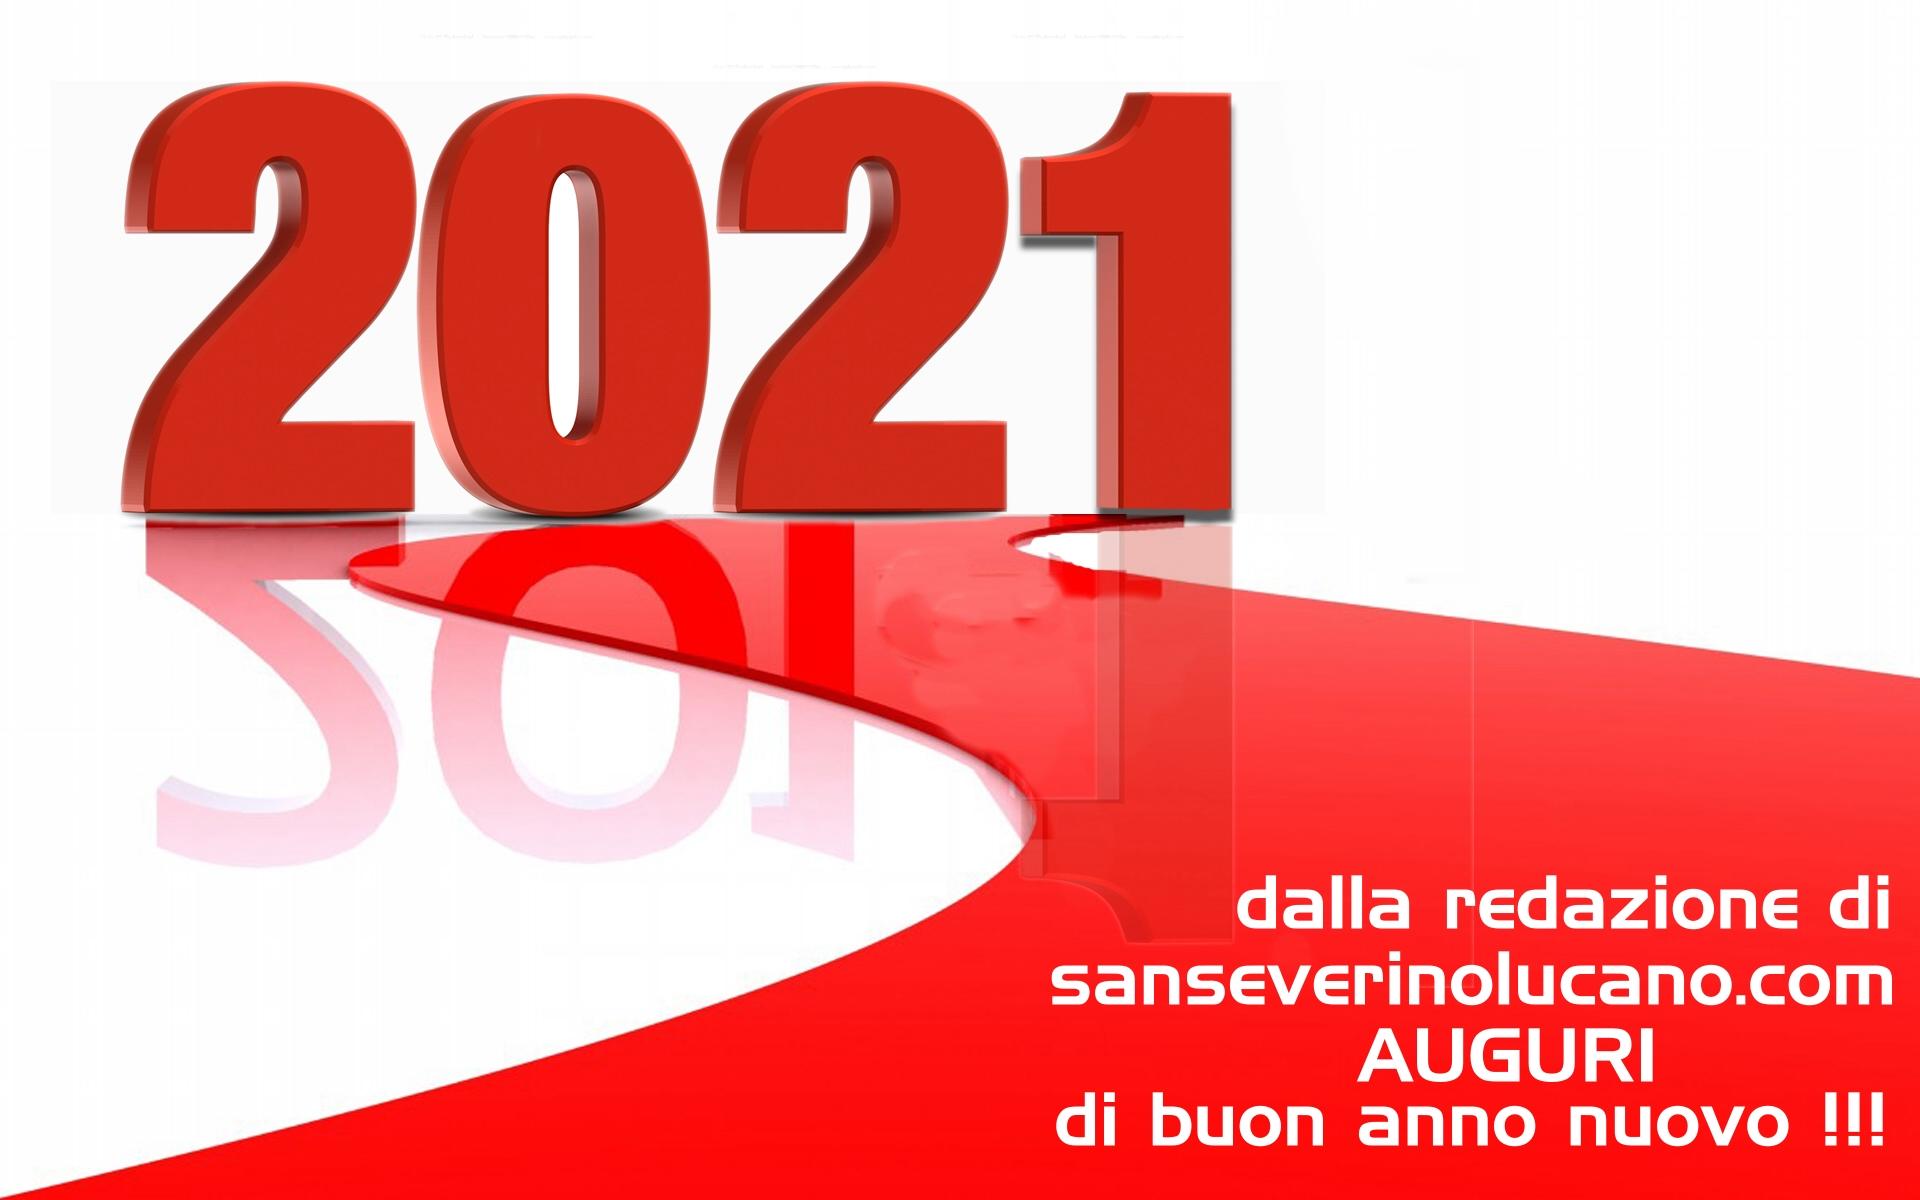 buon-anno-2021 ssl